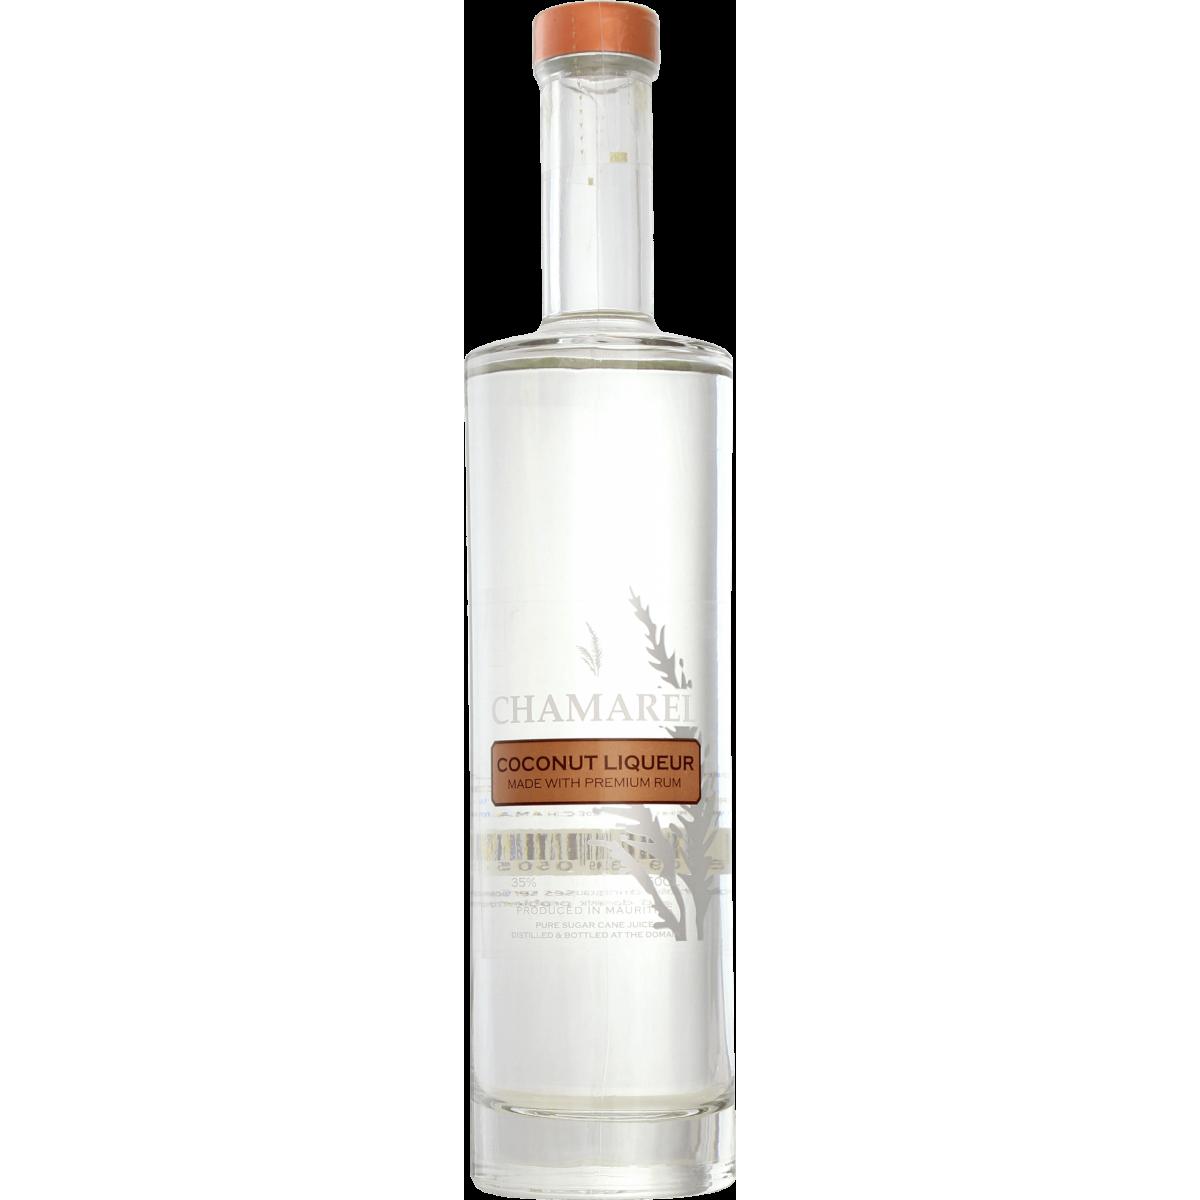 Chamarel Liqueur Coco 35%